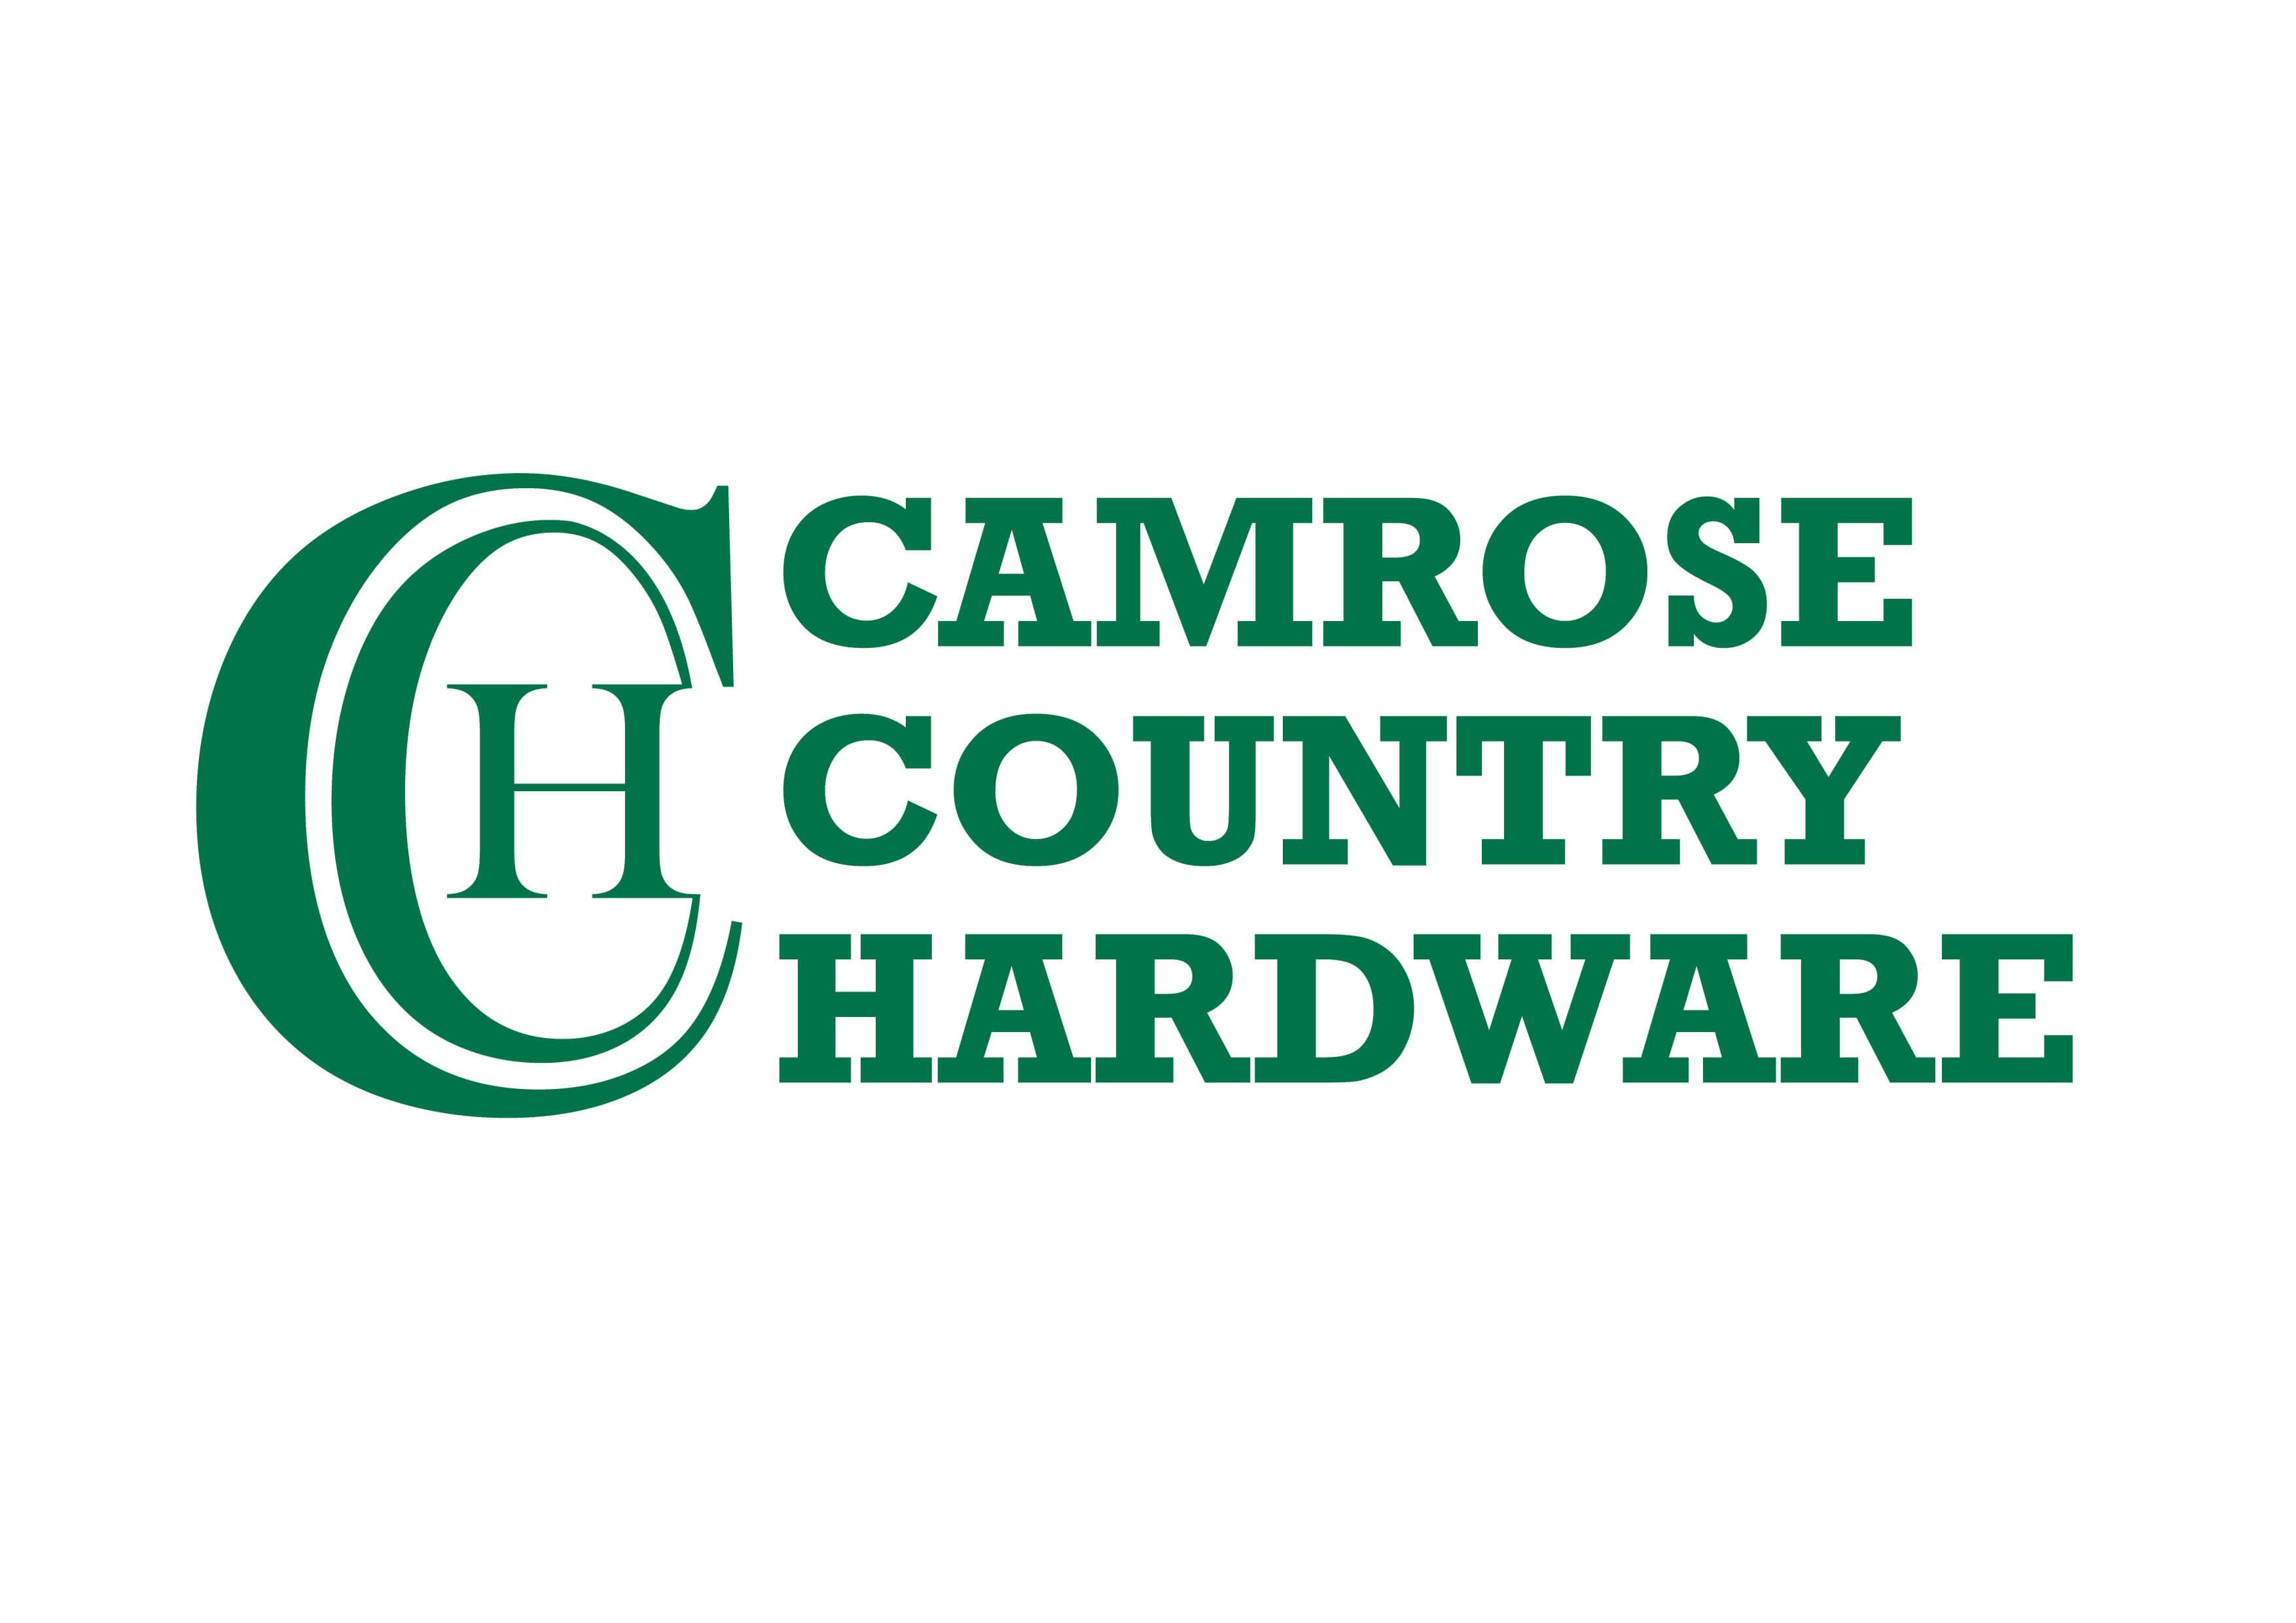 Camrose Country Hardware